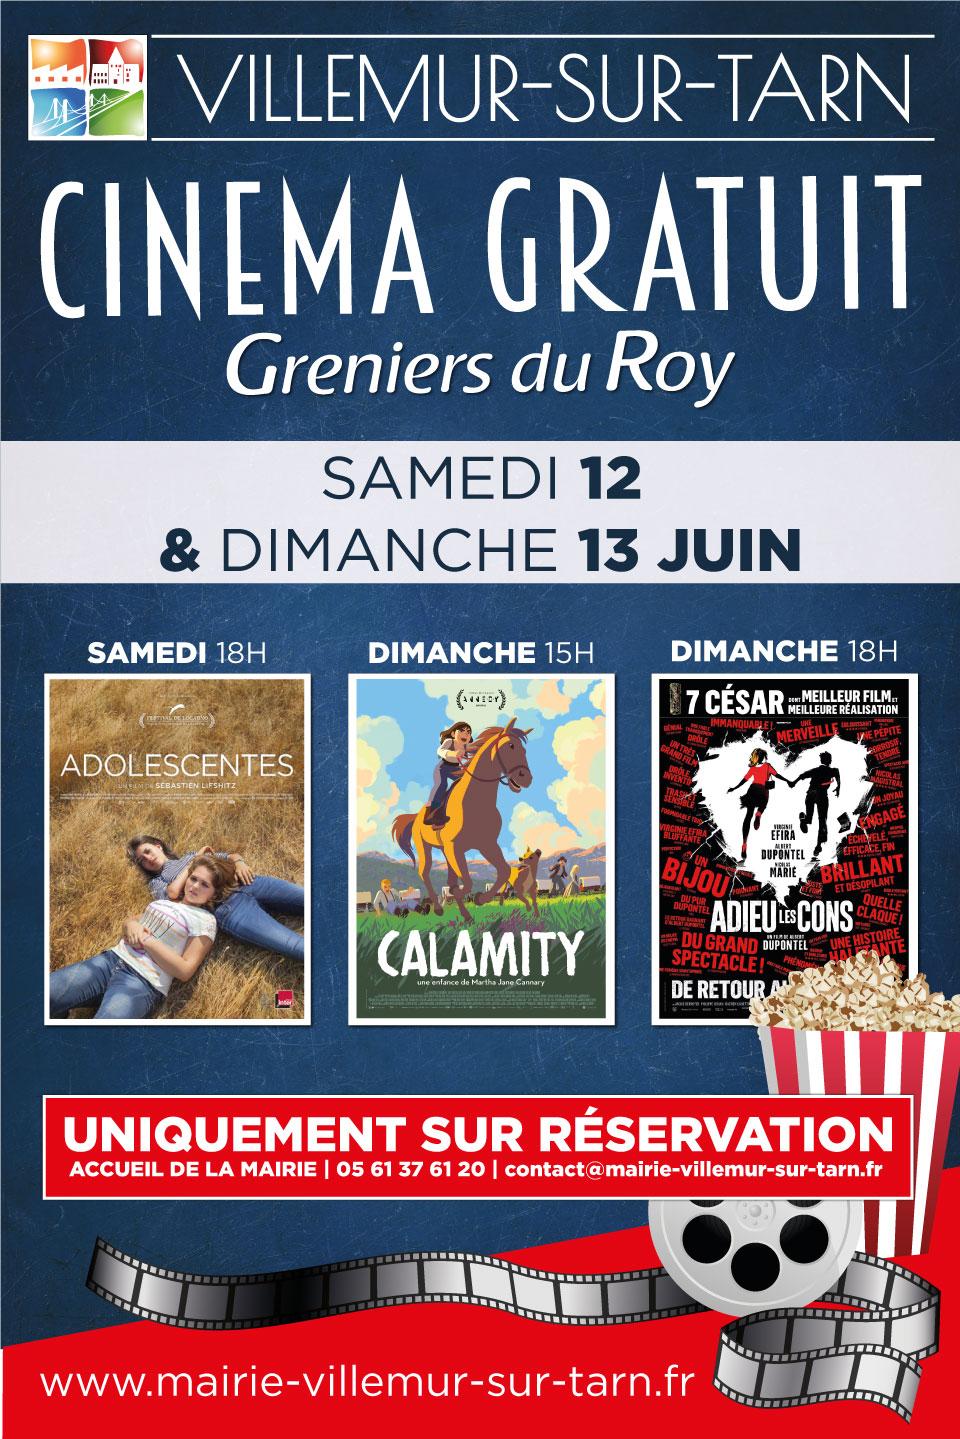 Cinéma gratuit : prochaines séances les 12 et 13 juin – SUR RESERVATION